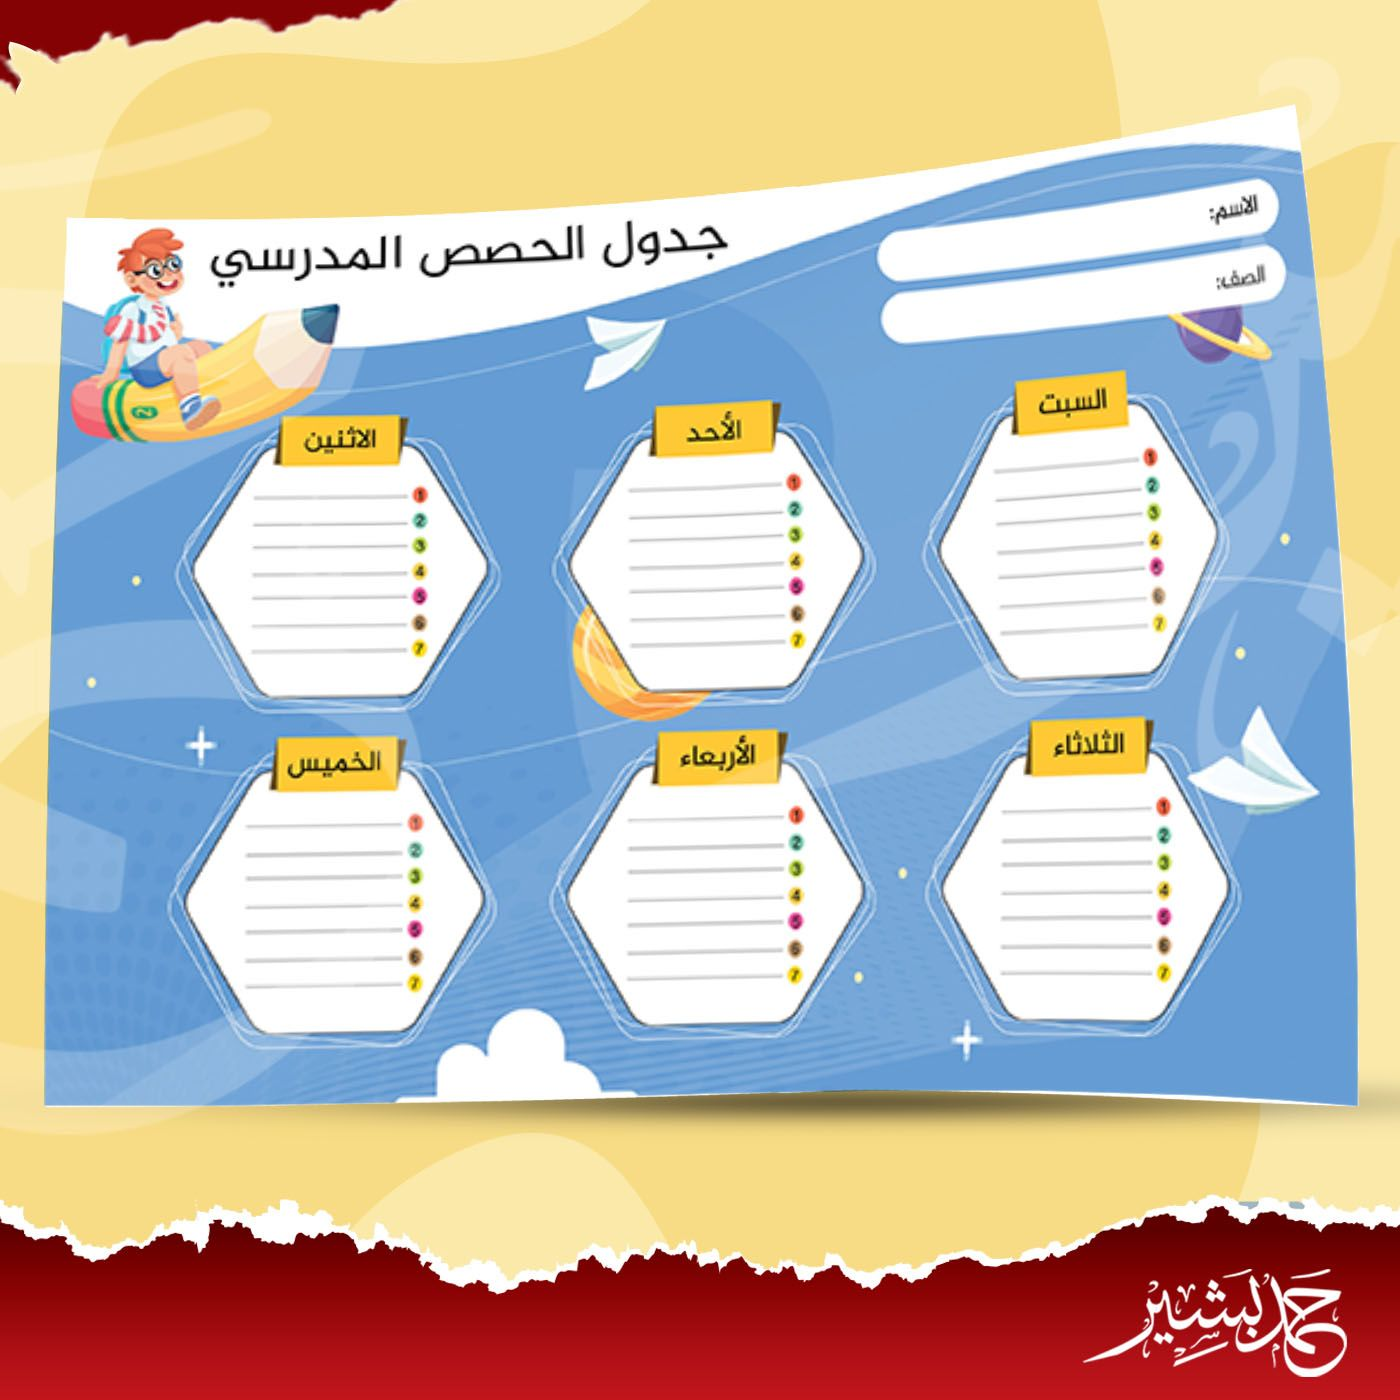 جدول الحصص المدرسي الأسبوعي نموذج901 باشكال مختلفة ورائعة جاهز للكتابة School Weekly Schedule Map